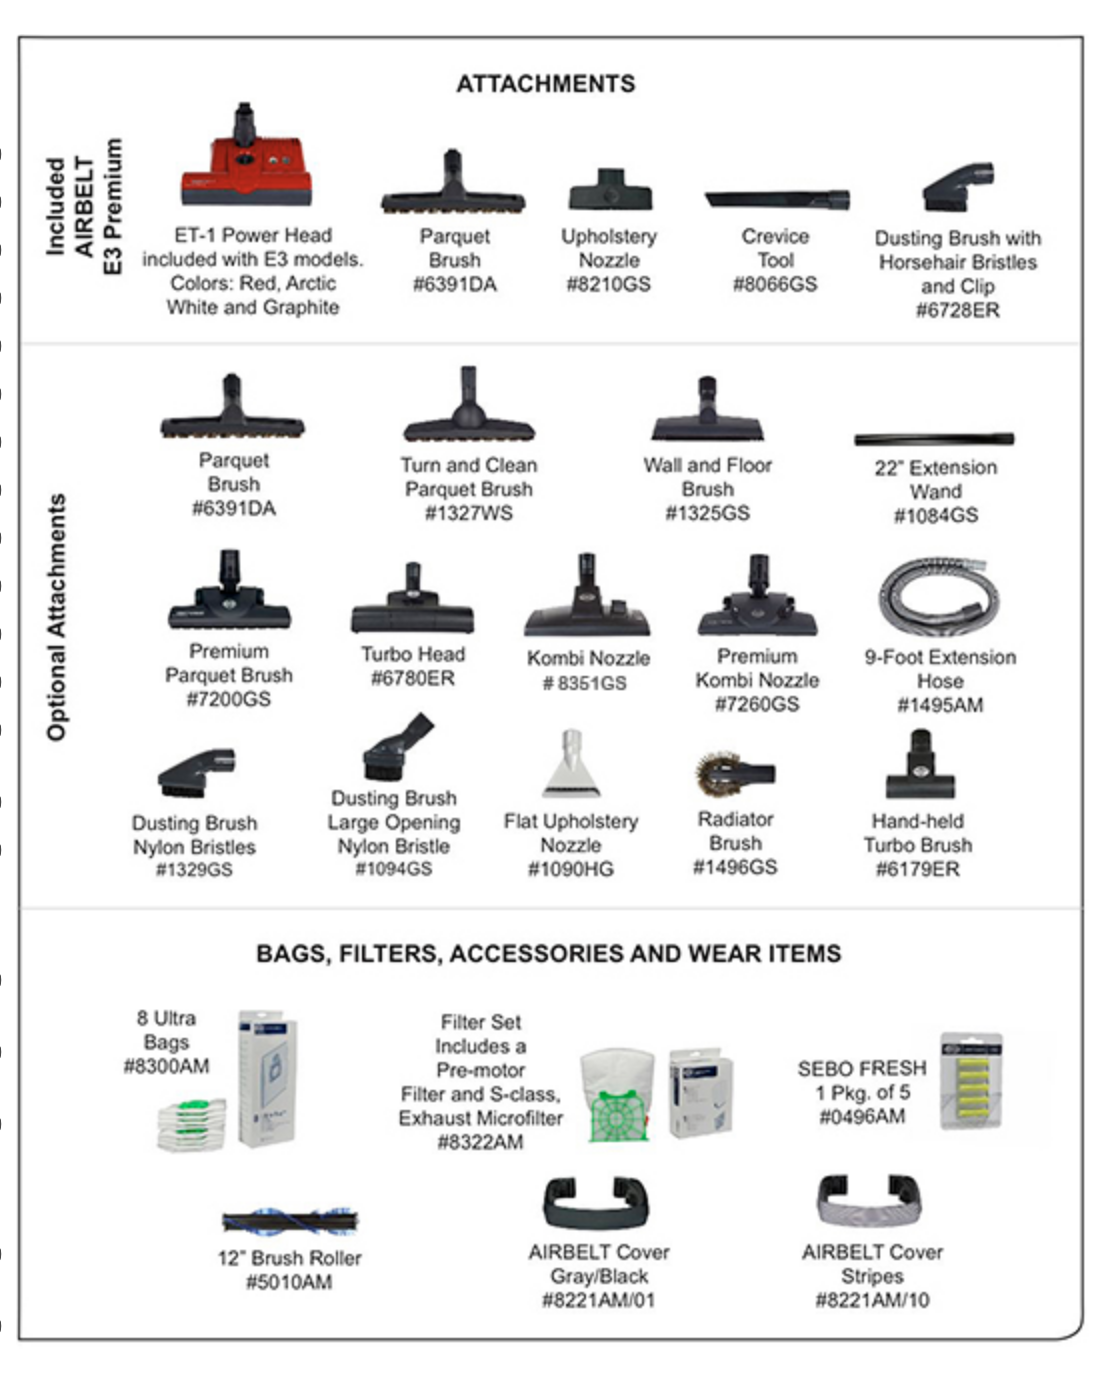 sebo optional attachments at Nashua Sew And Vac